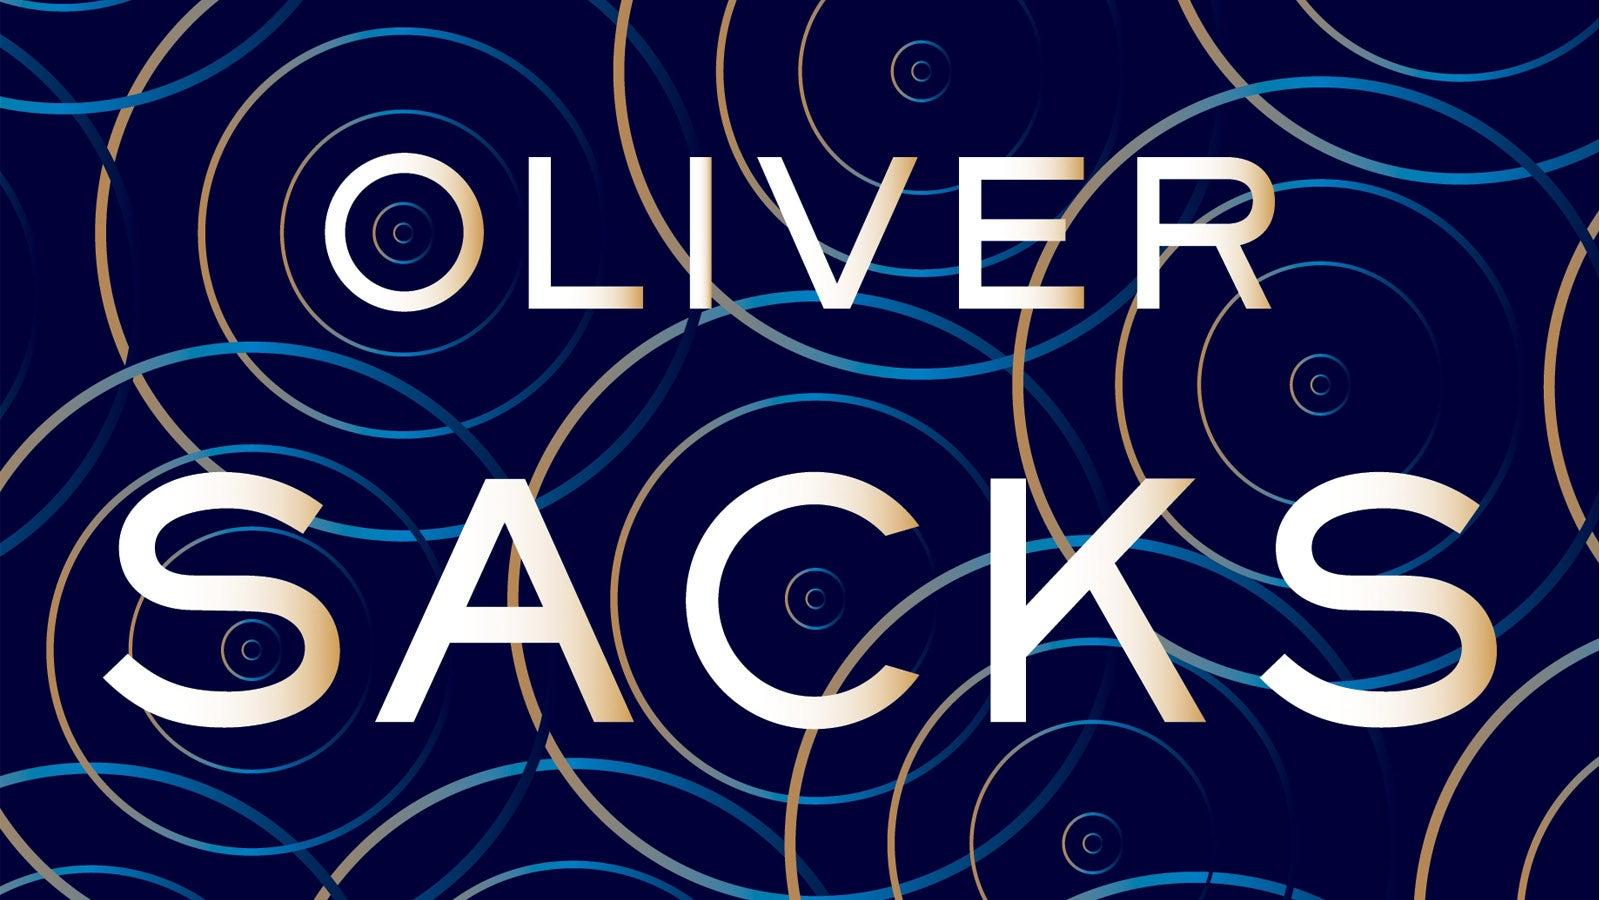 Oliver Sacks River of Consciousness book cover